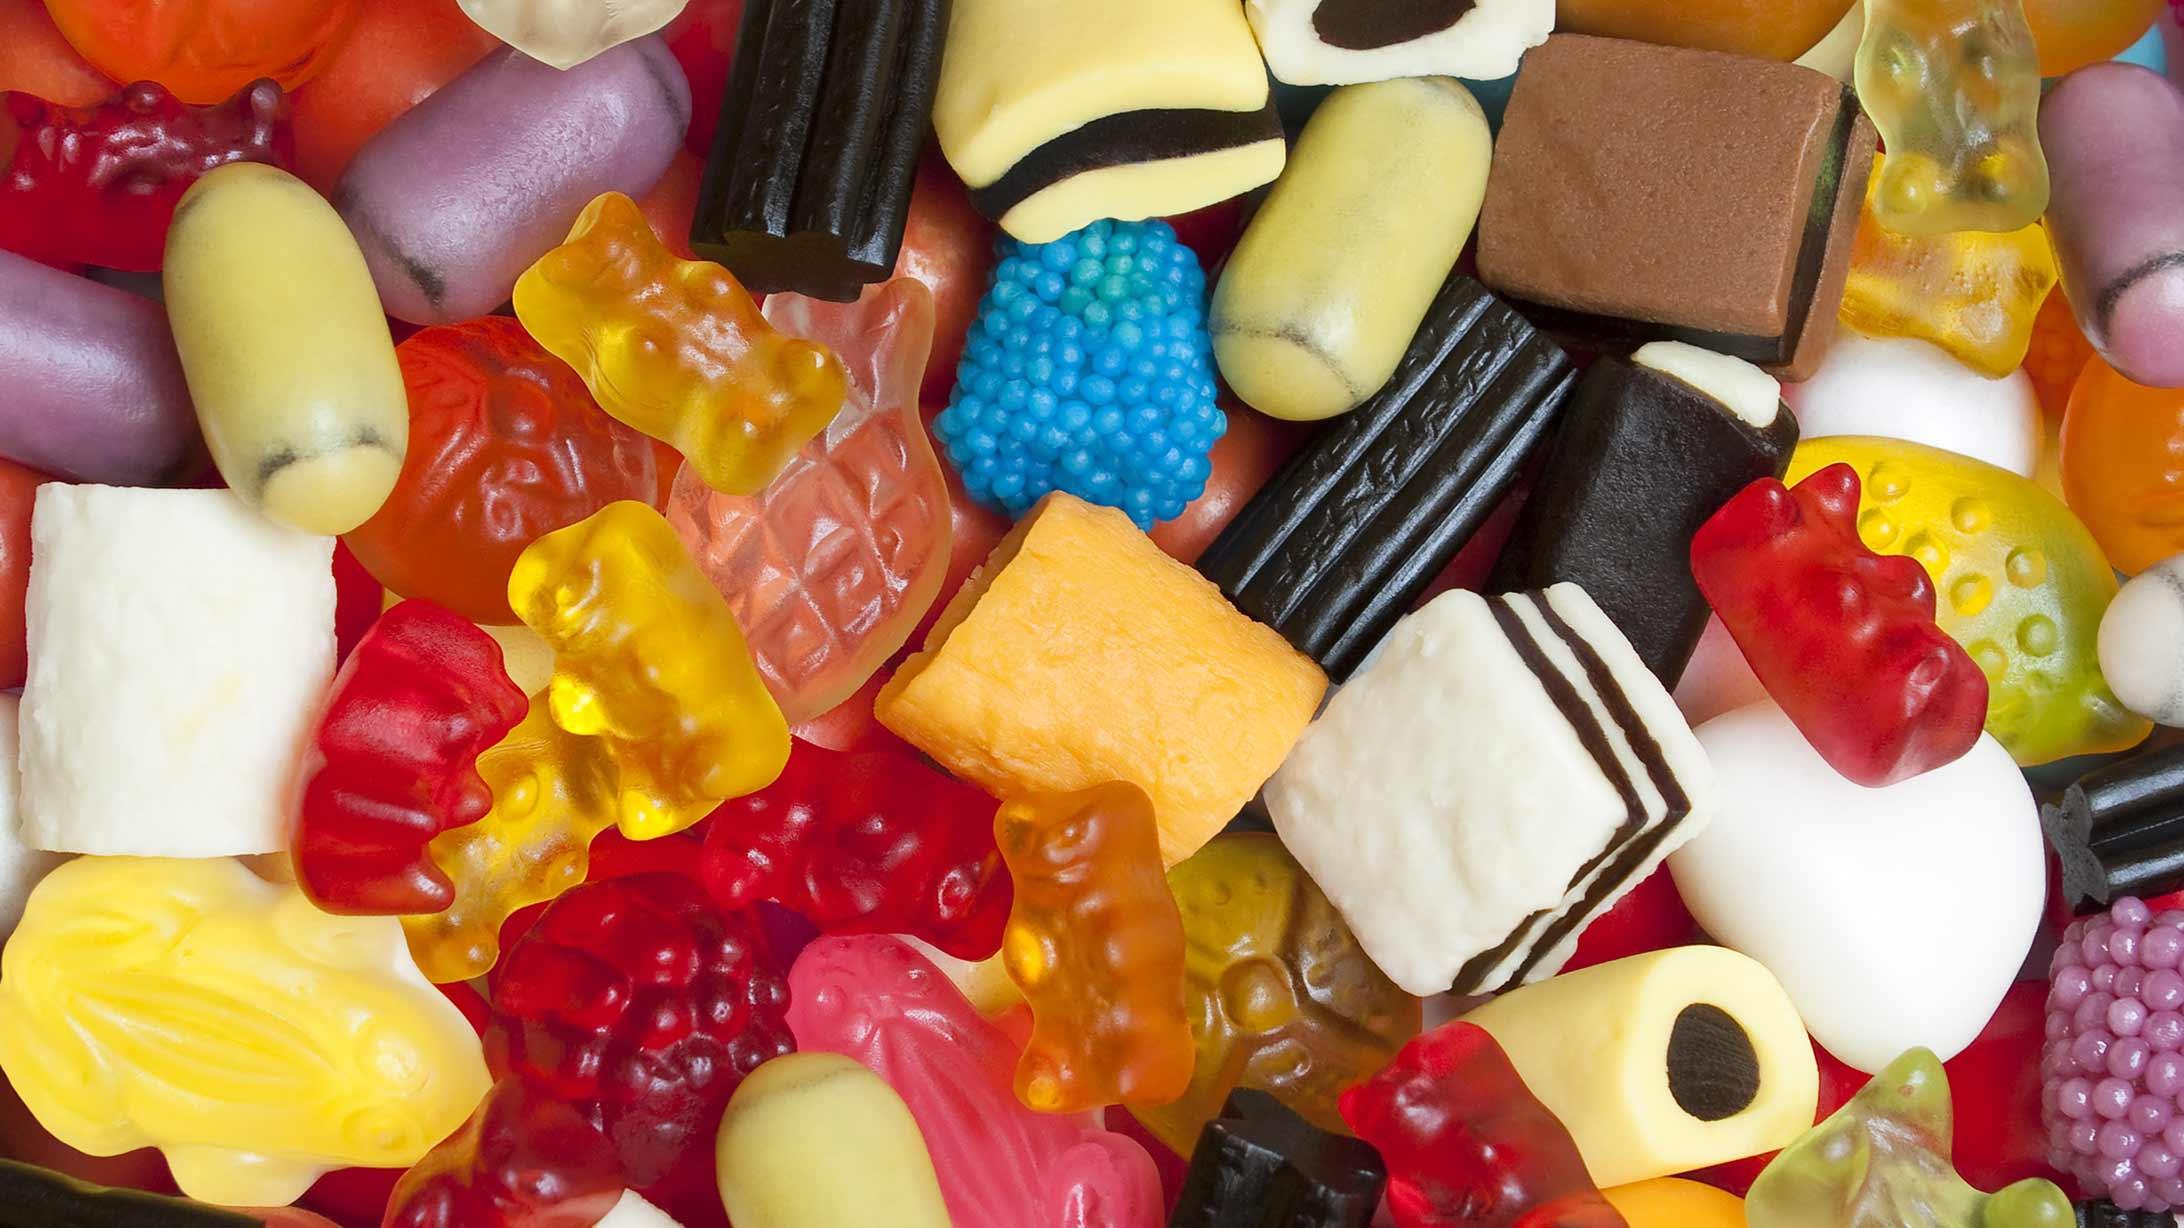 Farbige Süssigkeiten und Lakritze mit Gluten liegen auf einem Haufen